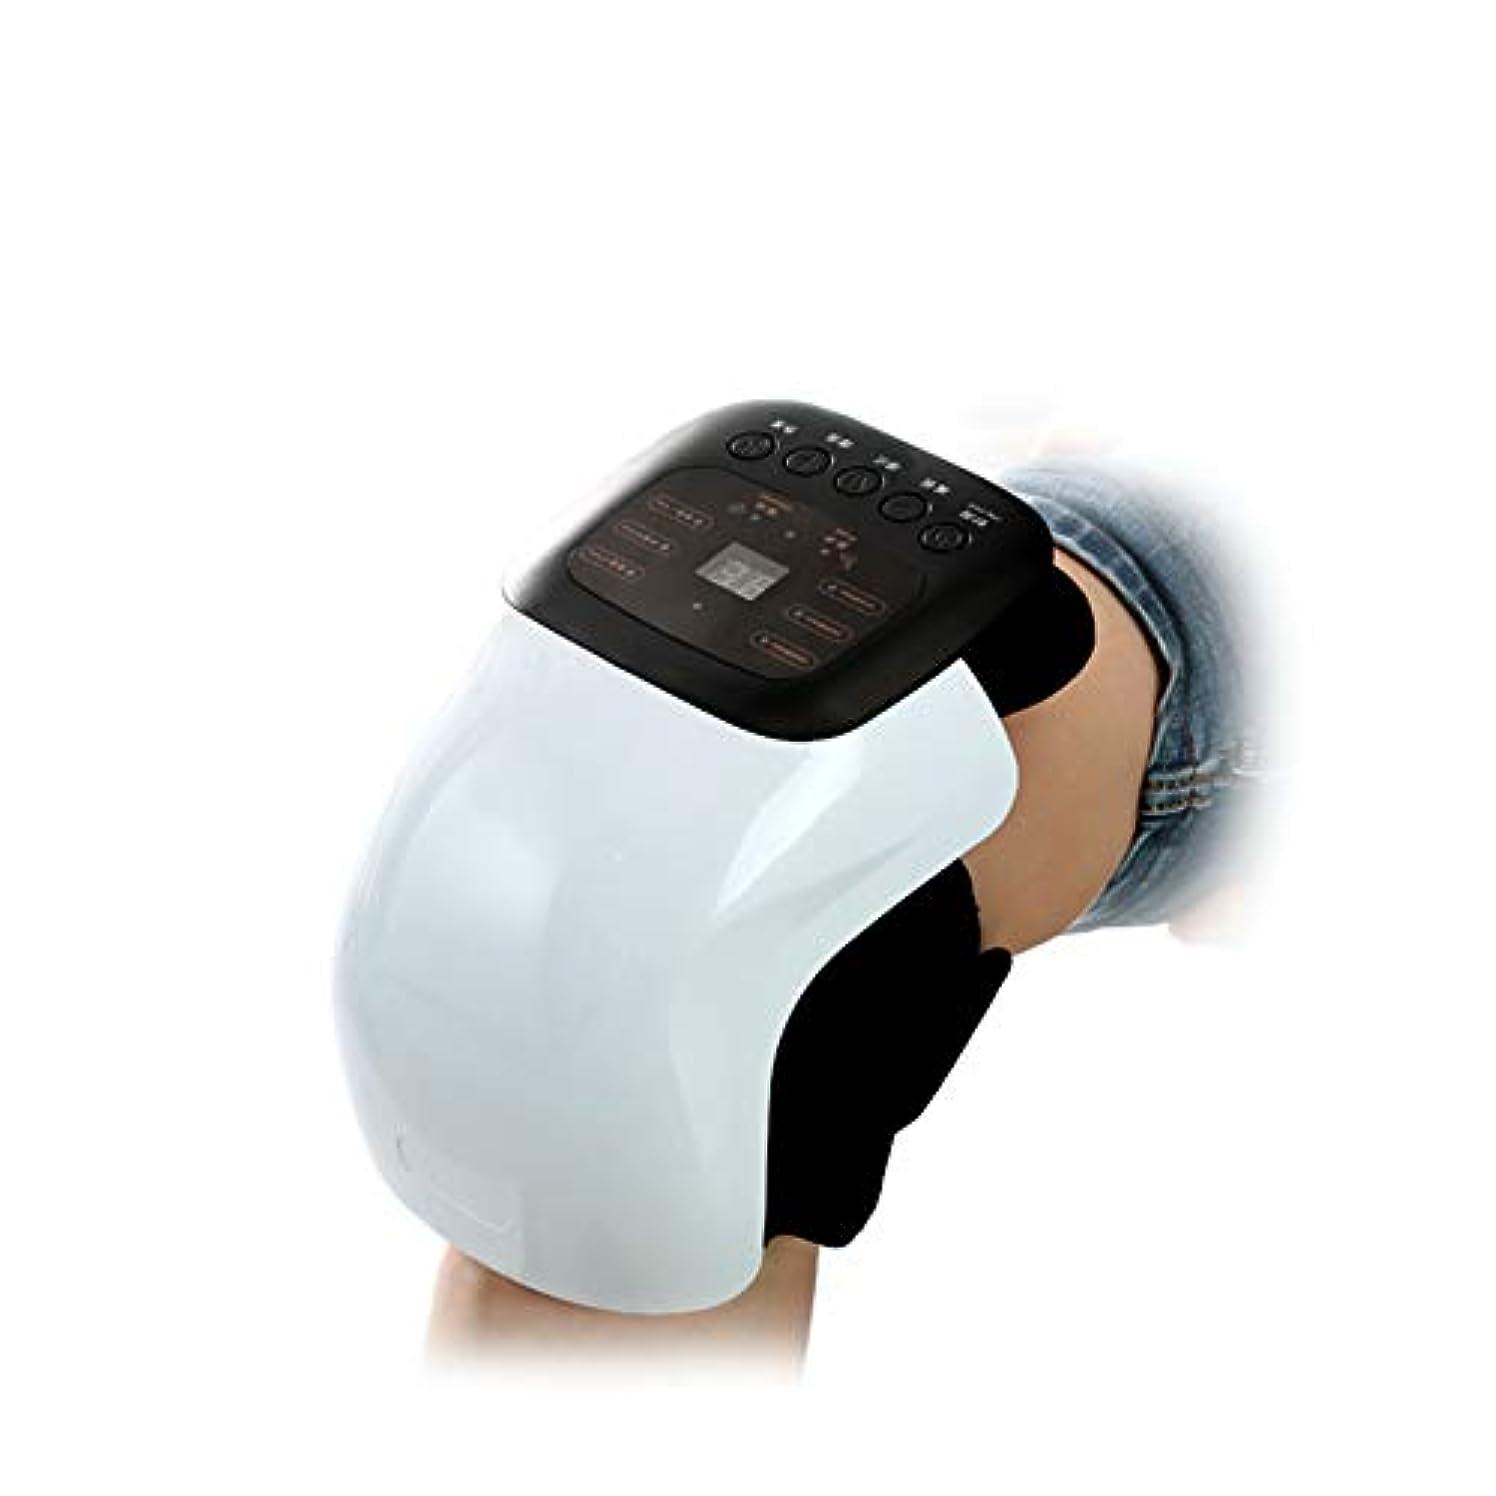 共和国広がり最近変形性関節症リウマチ関節炎、電気痛緩和ケア用品のためのパルス、振動、加熱を伴うスマートニー理学療法マッサージ器